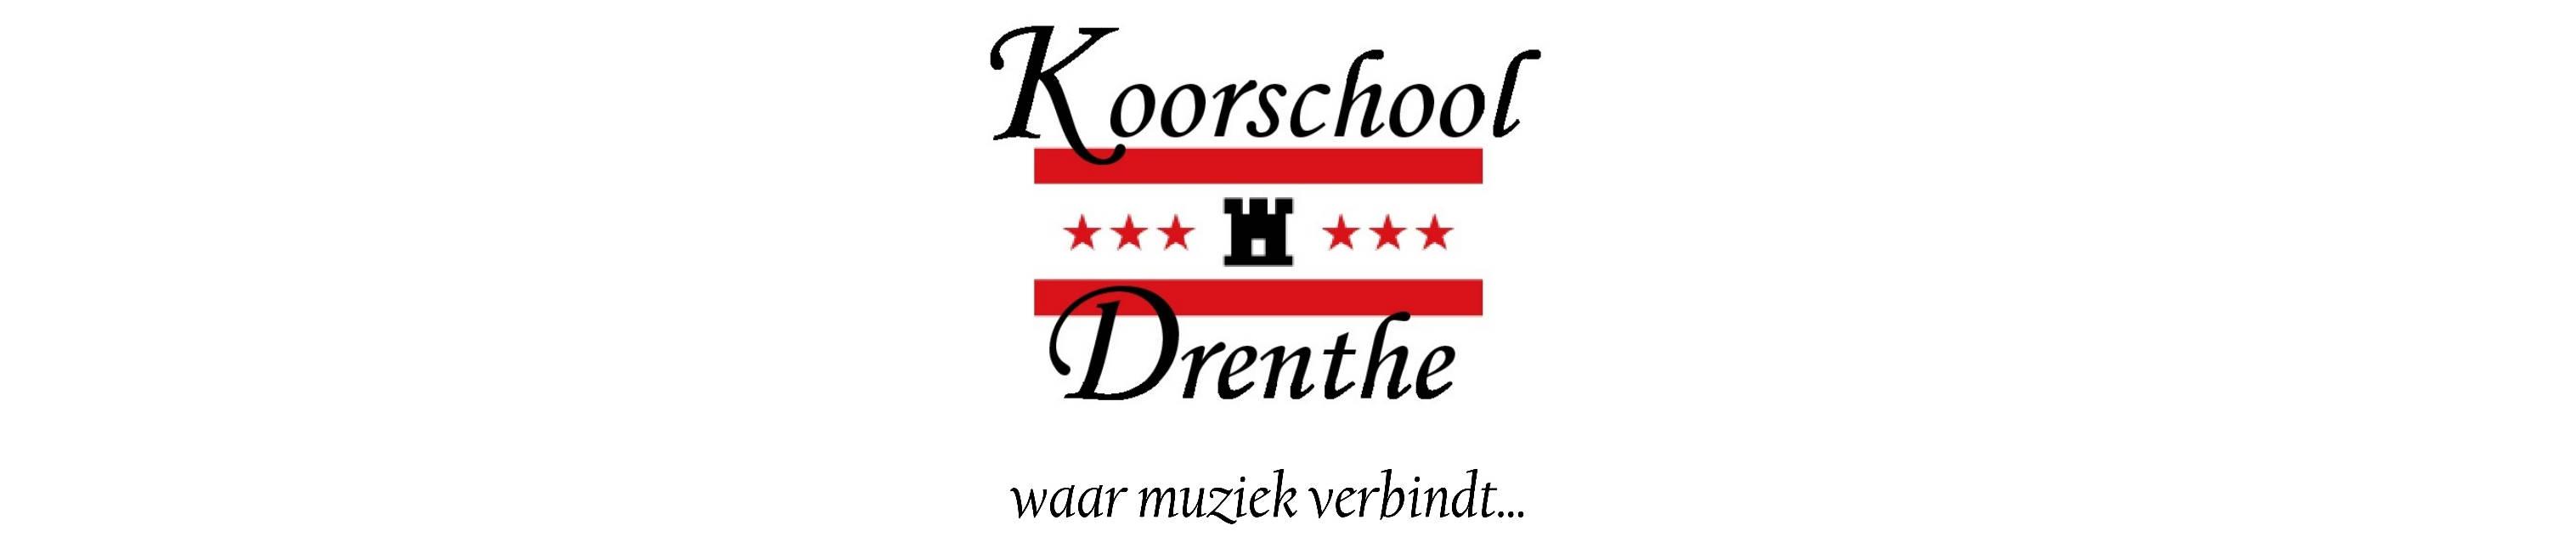 Koorschool Drenthe